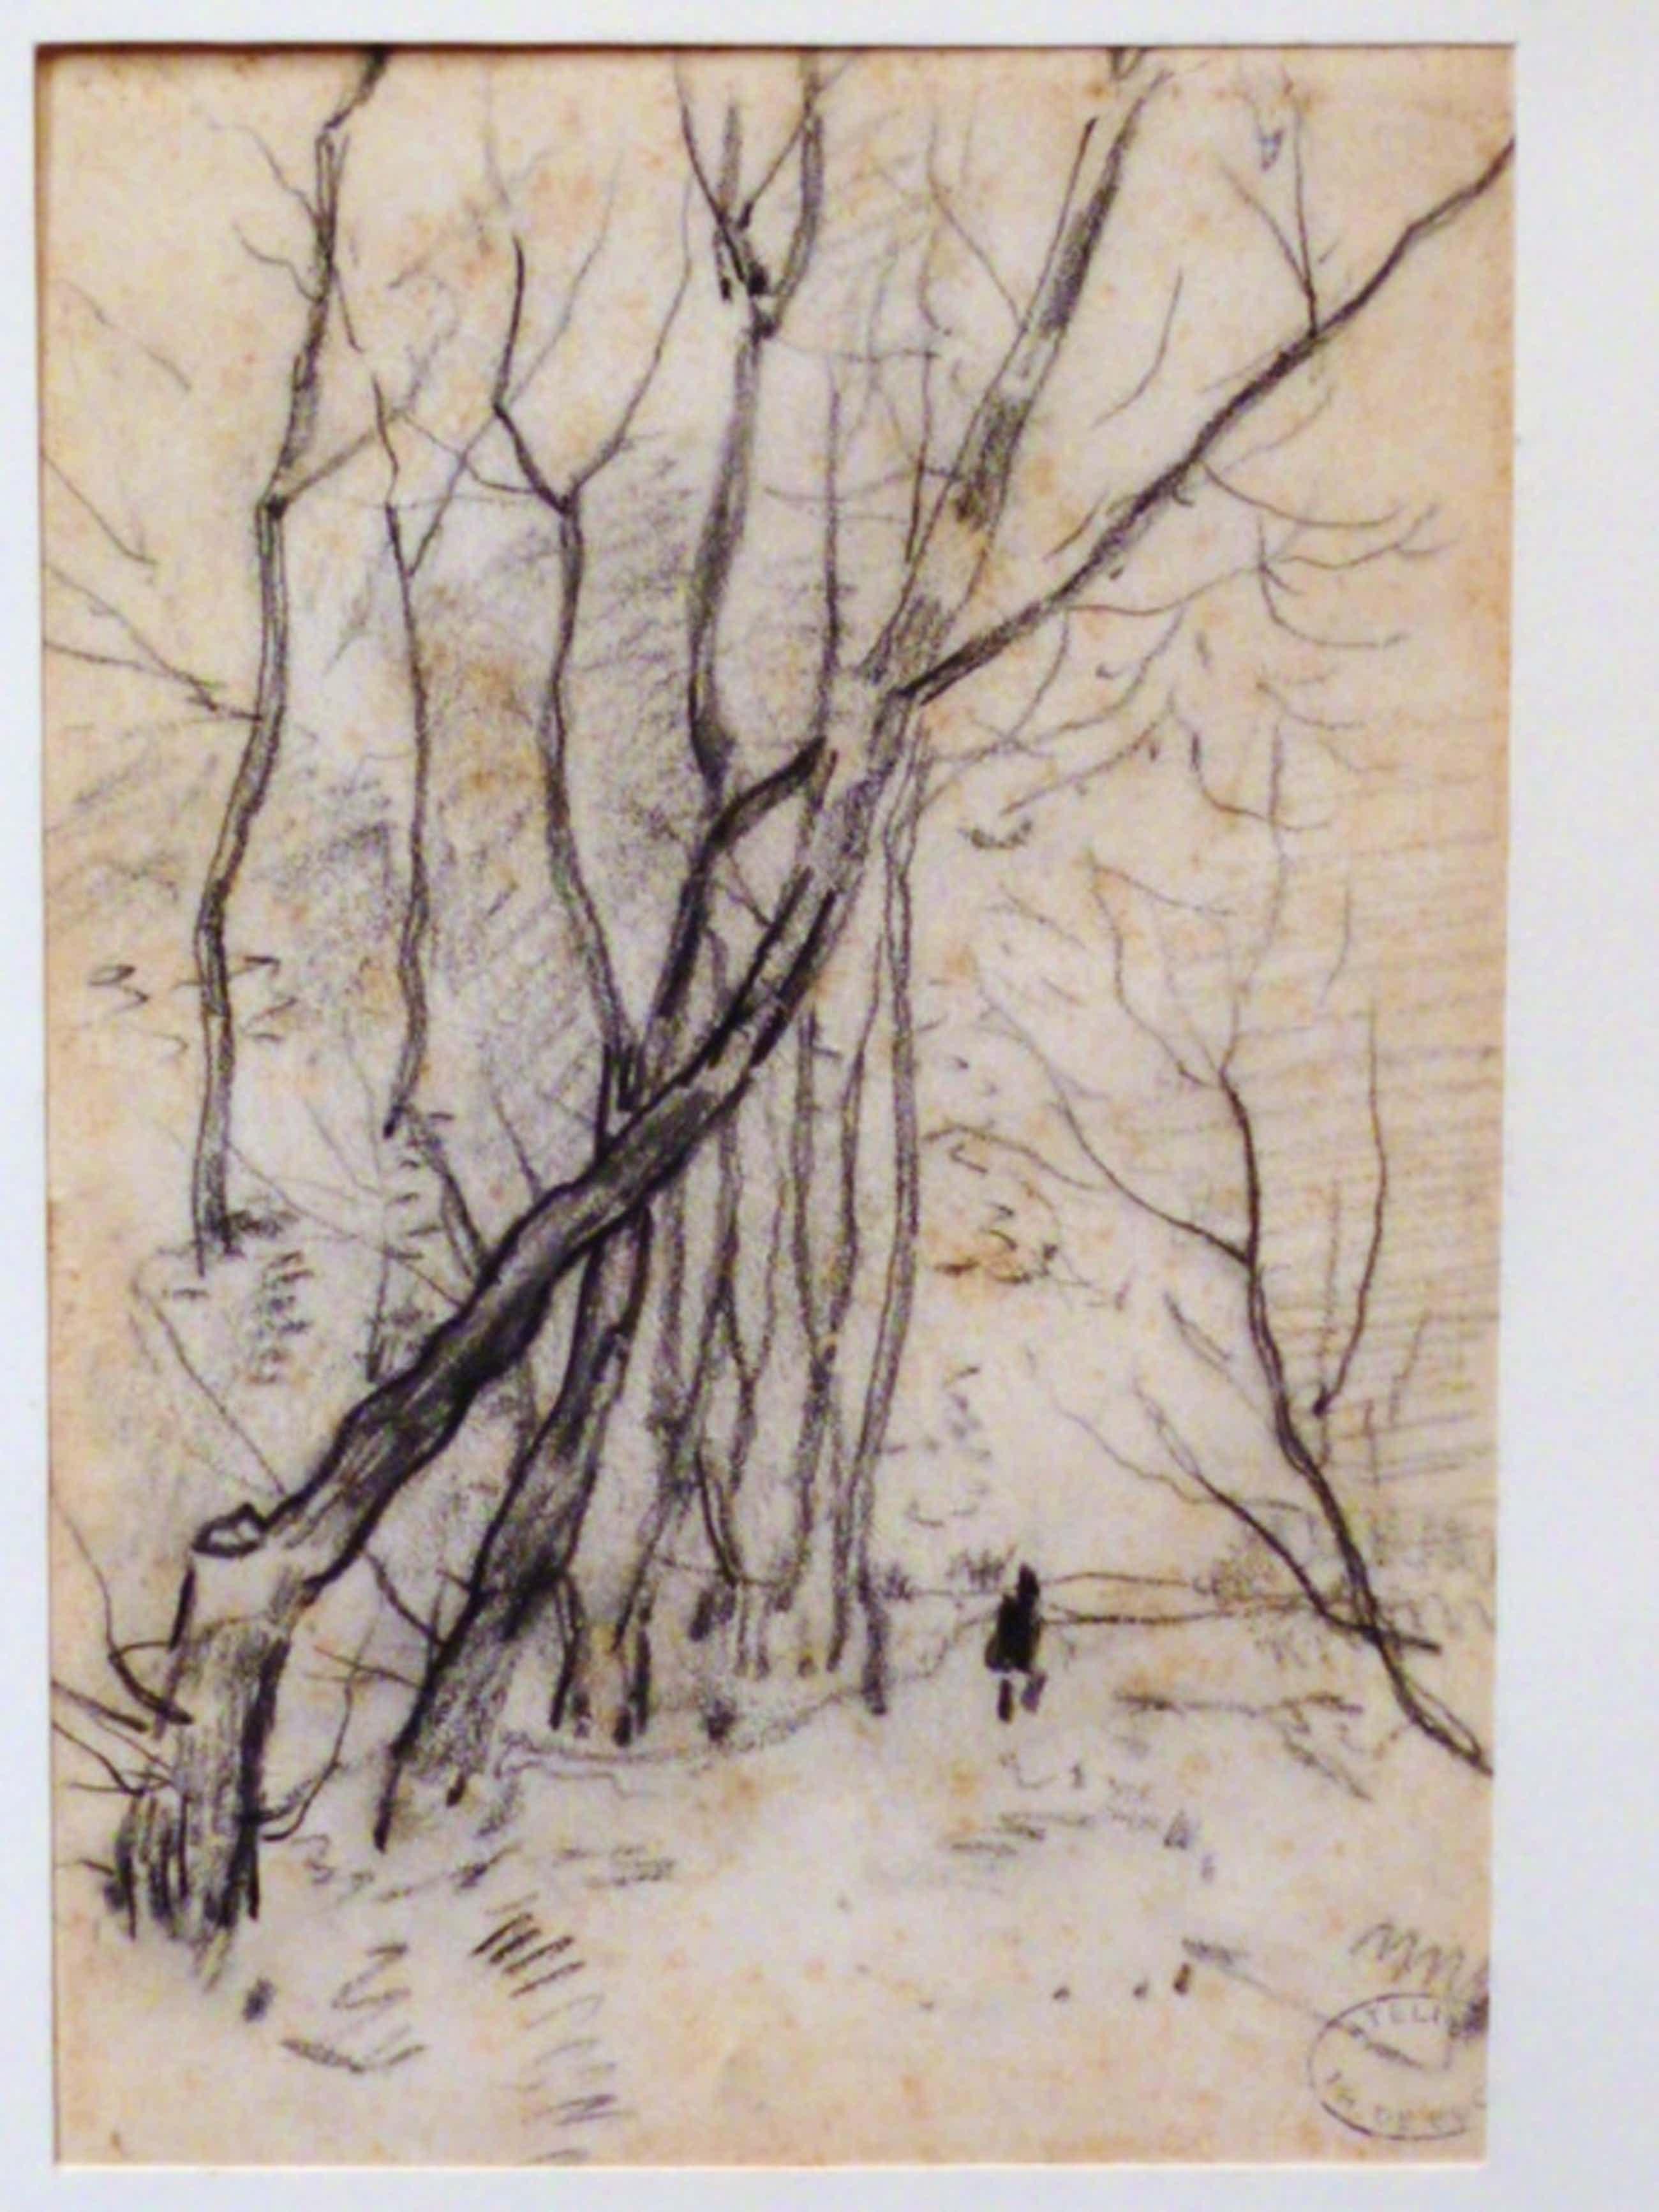 Theophile de Bock - tekening - Bomenstudie kopen? Bied vanaf 55!